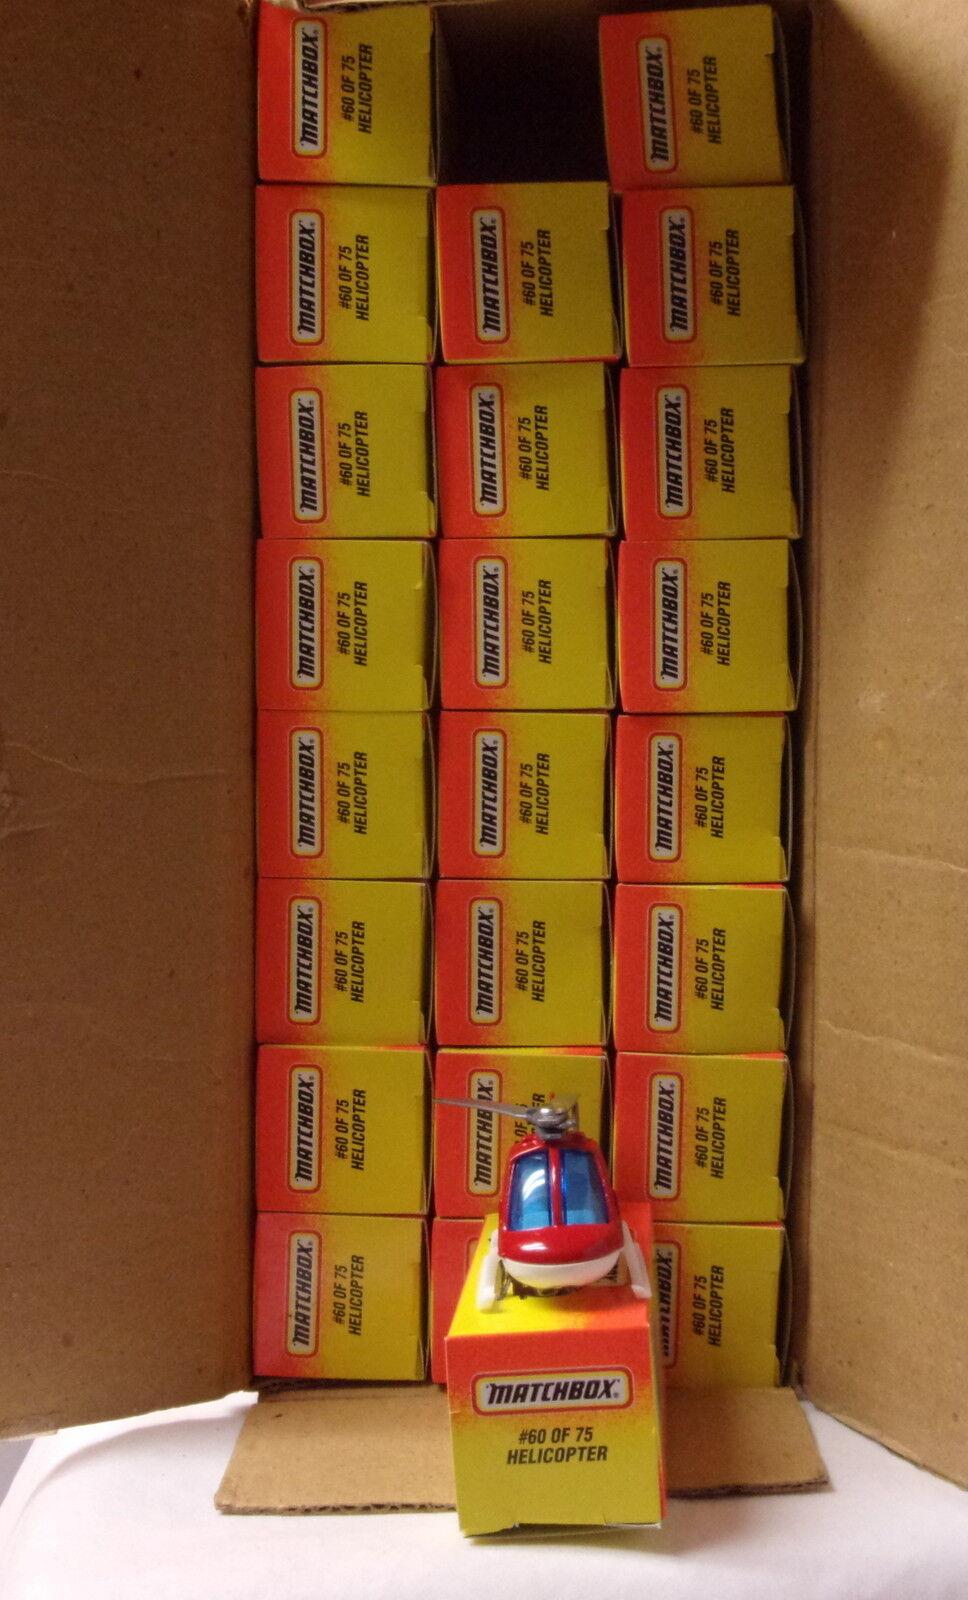 precios al por mayor Kkar Matchbox-amarillo Box-MB60 helicóptero-rojo helicóptero-rojo helicóptero-rojo y blancoo de fuego Dep. - Lote de caso  Ahorre hasta un 70% de descuento.